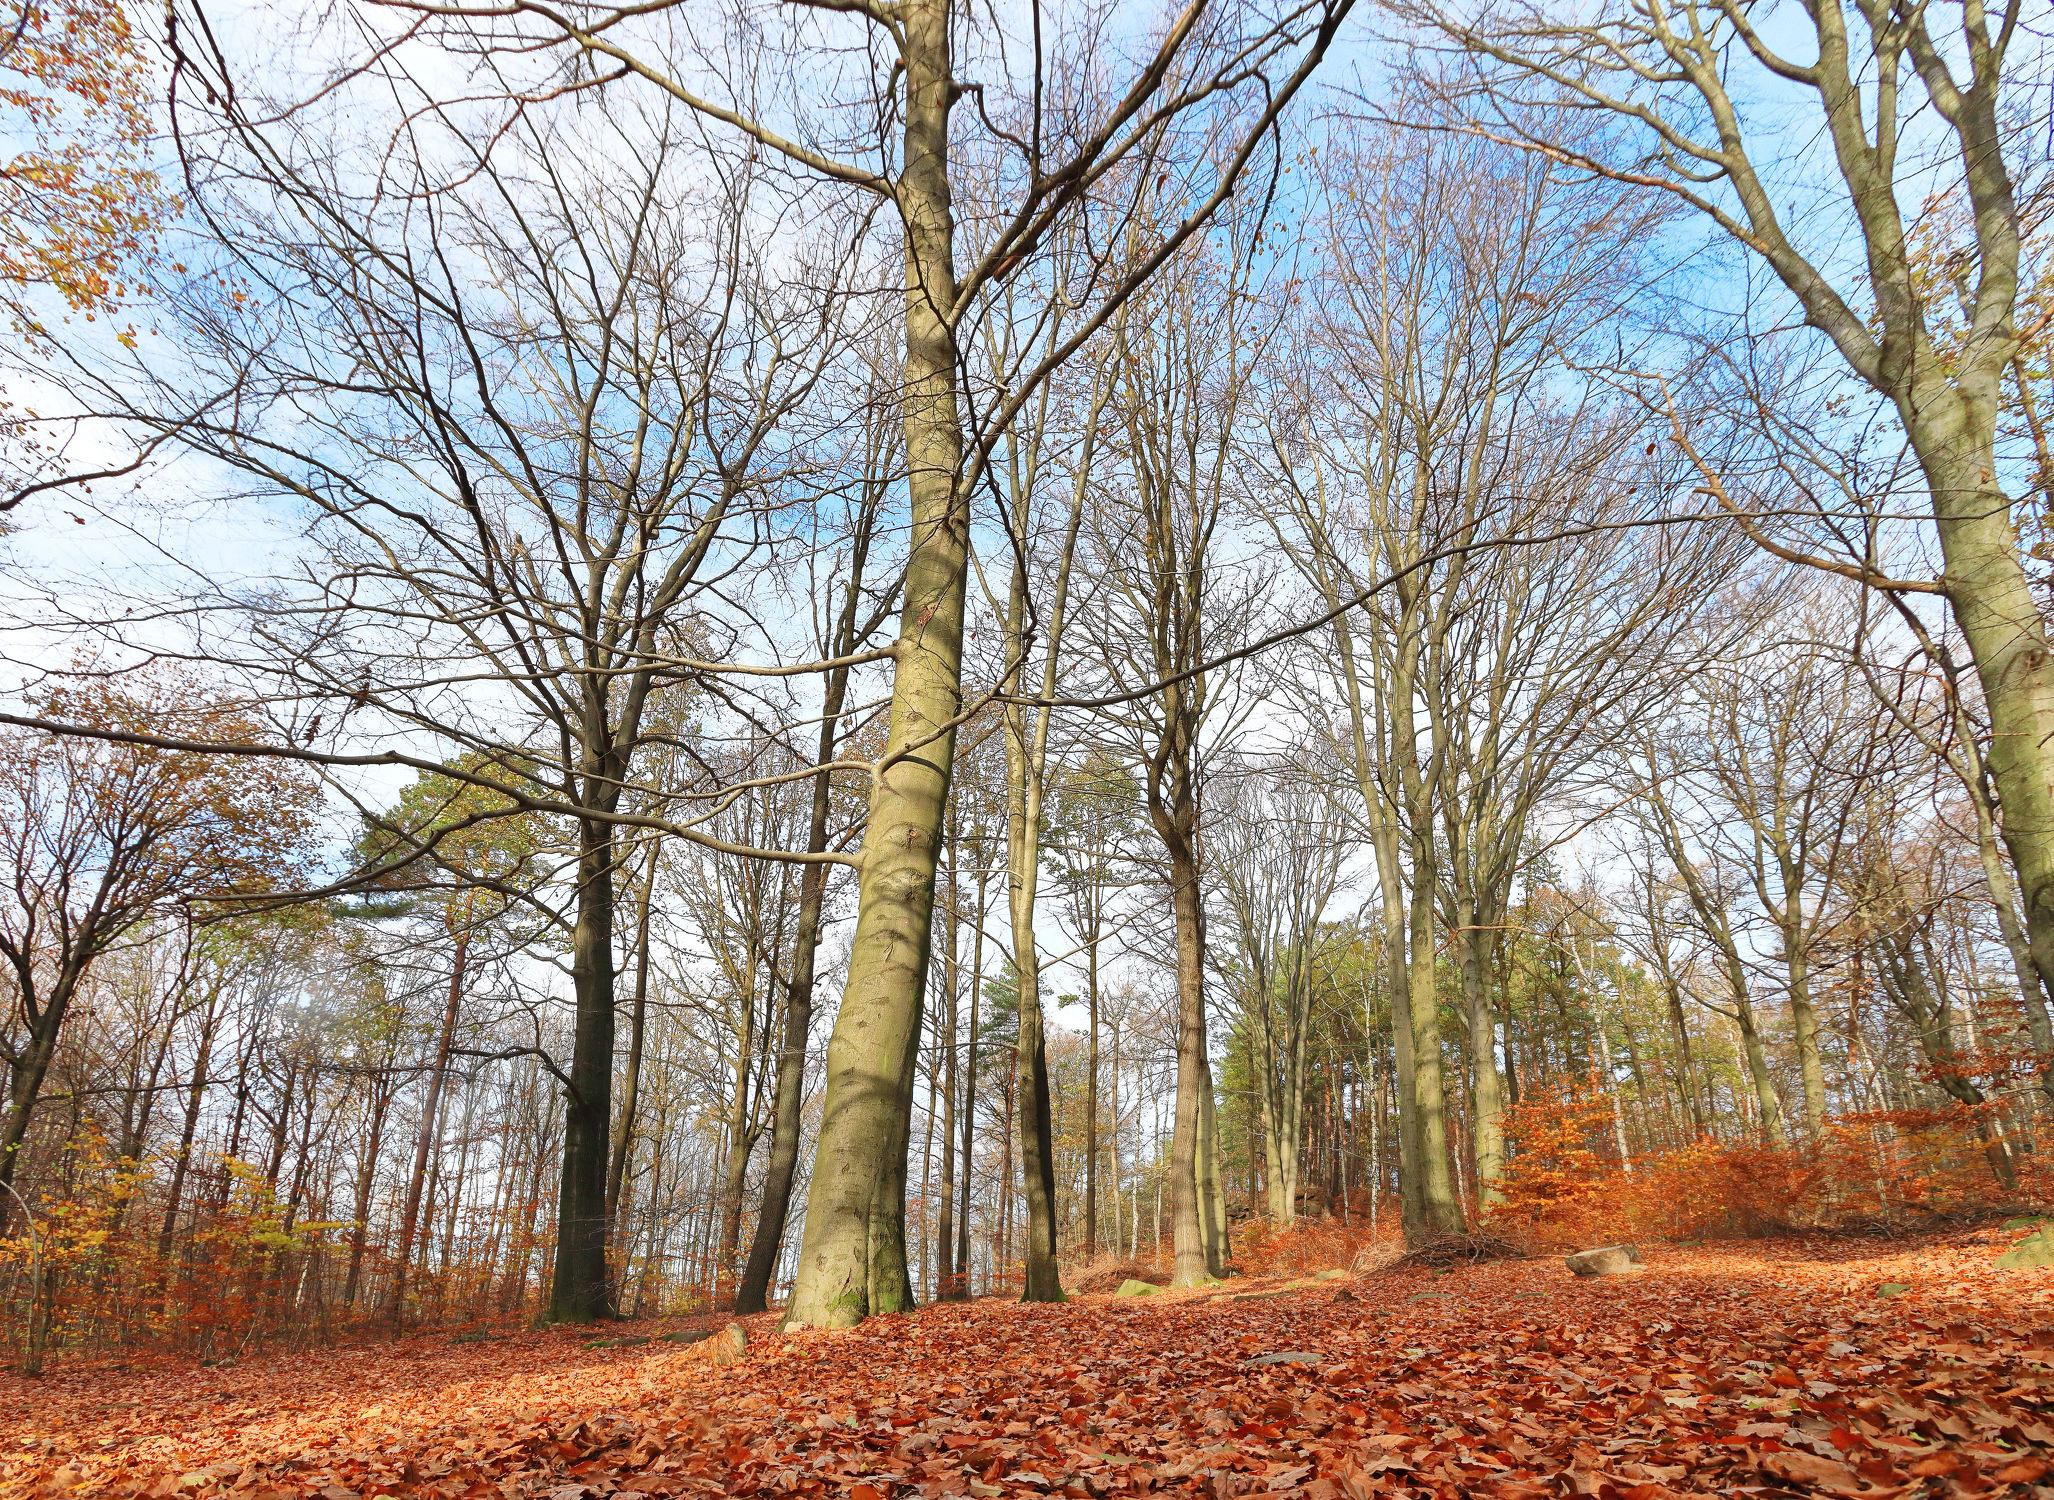 Bild mit Natur, Bäume, Wälder, Herbst, Laubbäume, Wald, Baum, Landschaft, Laubbaum, Hain, Buche, Buchen Hain, Laub, Jahreszeit, autumn